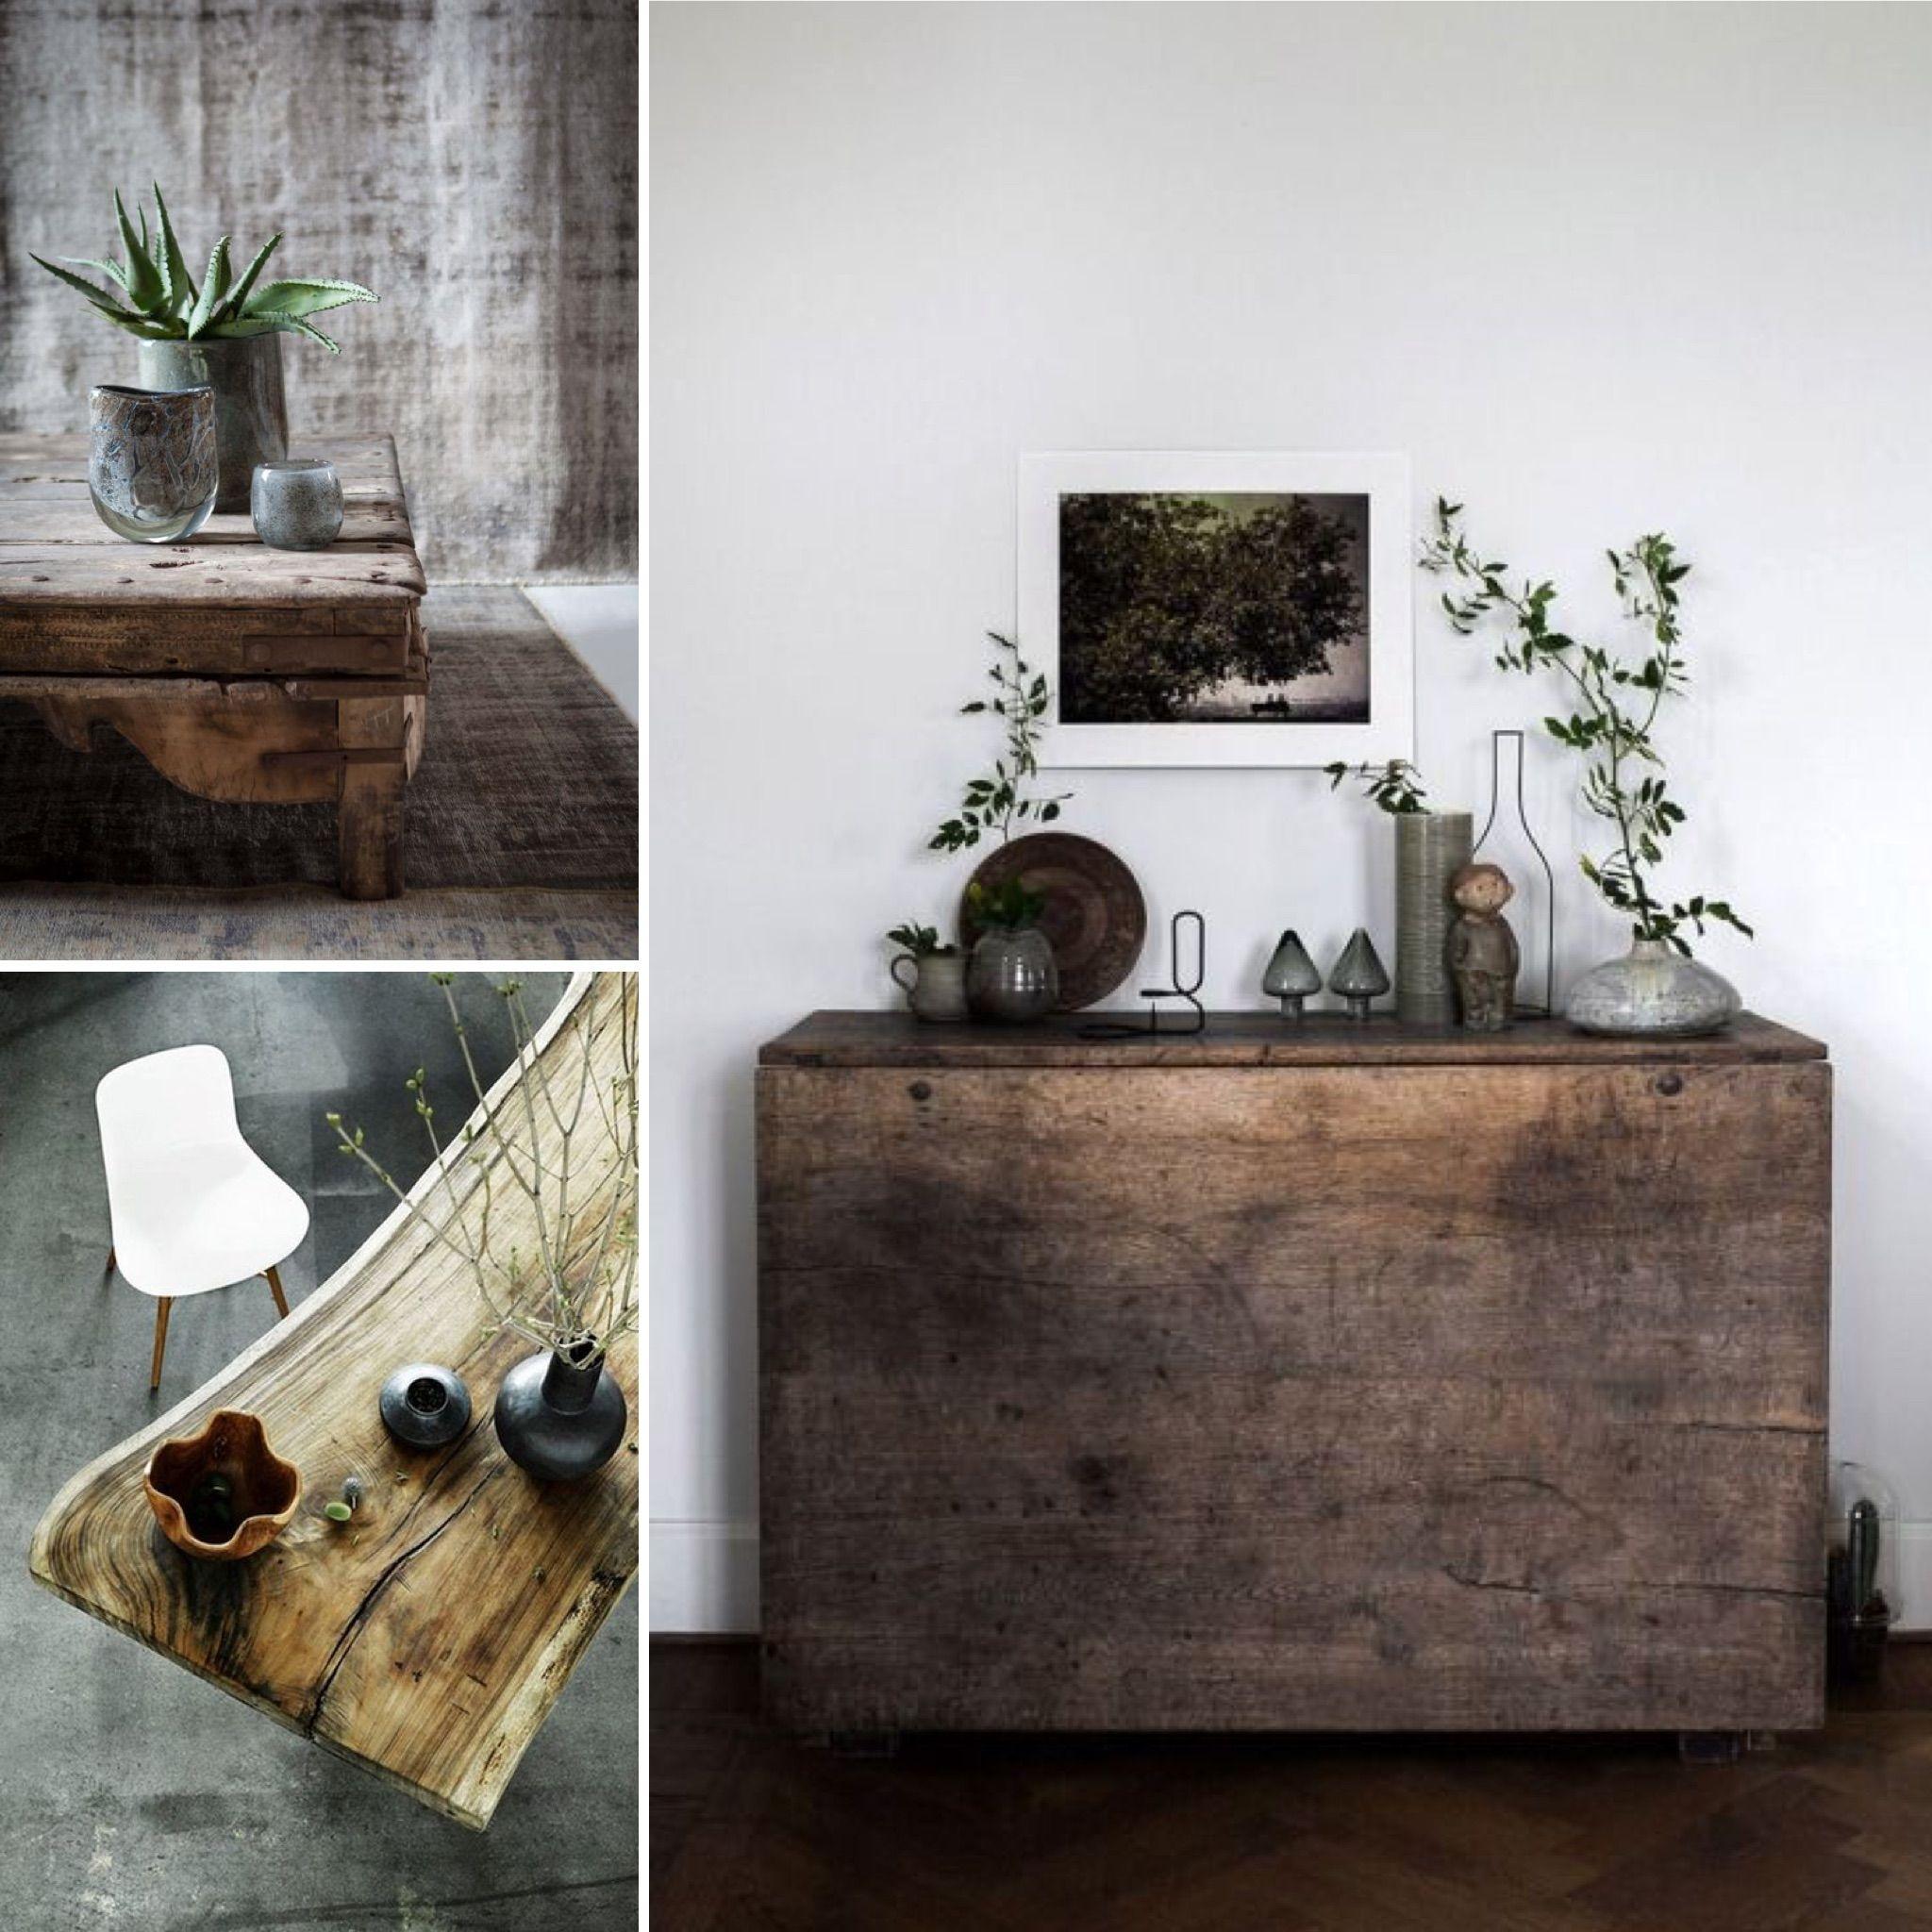 le wabi sabi en d co elephant in the room epur pinterest d coration nature purer et malle. Black Bedroom Furniture Sets. Home Design Ideas